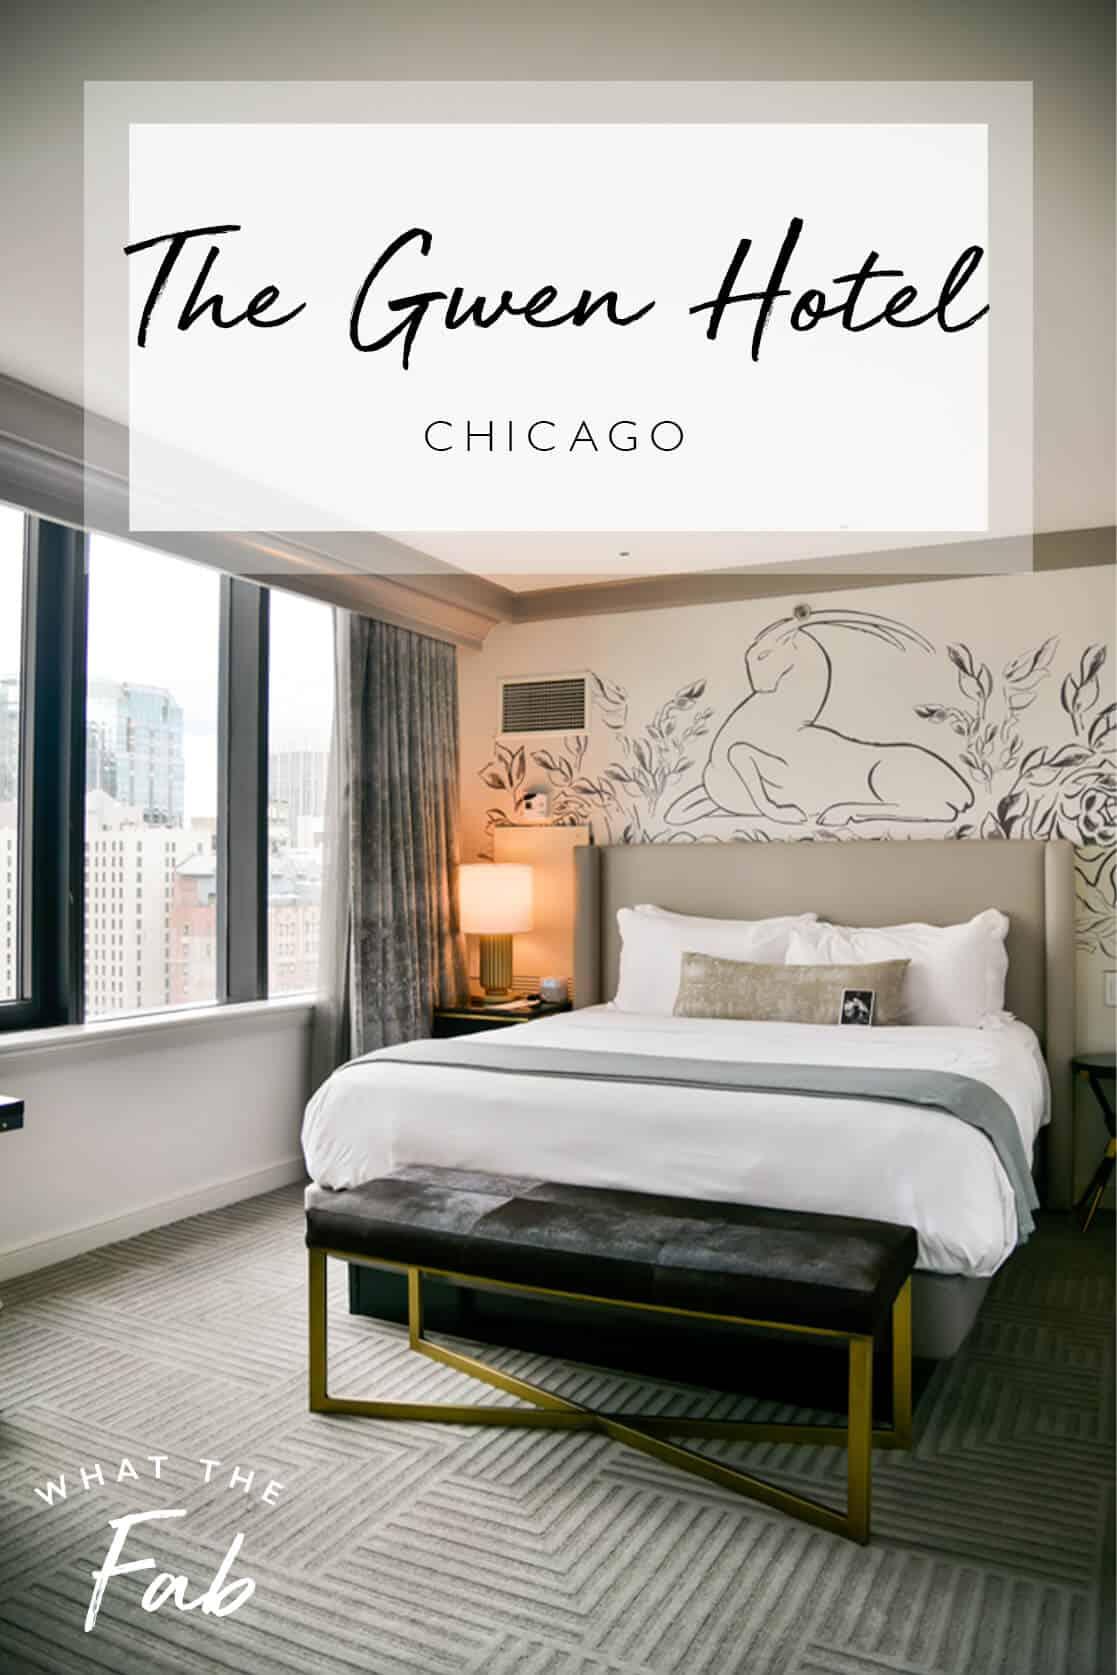 Gwen Hotel Chicago